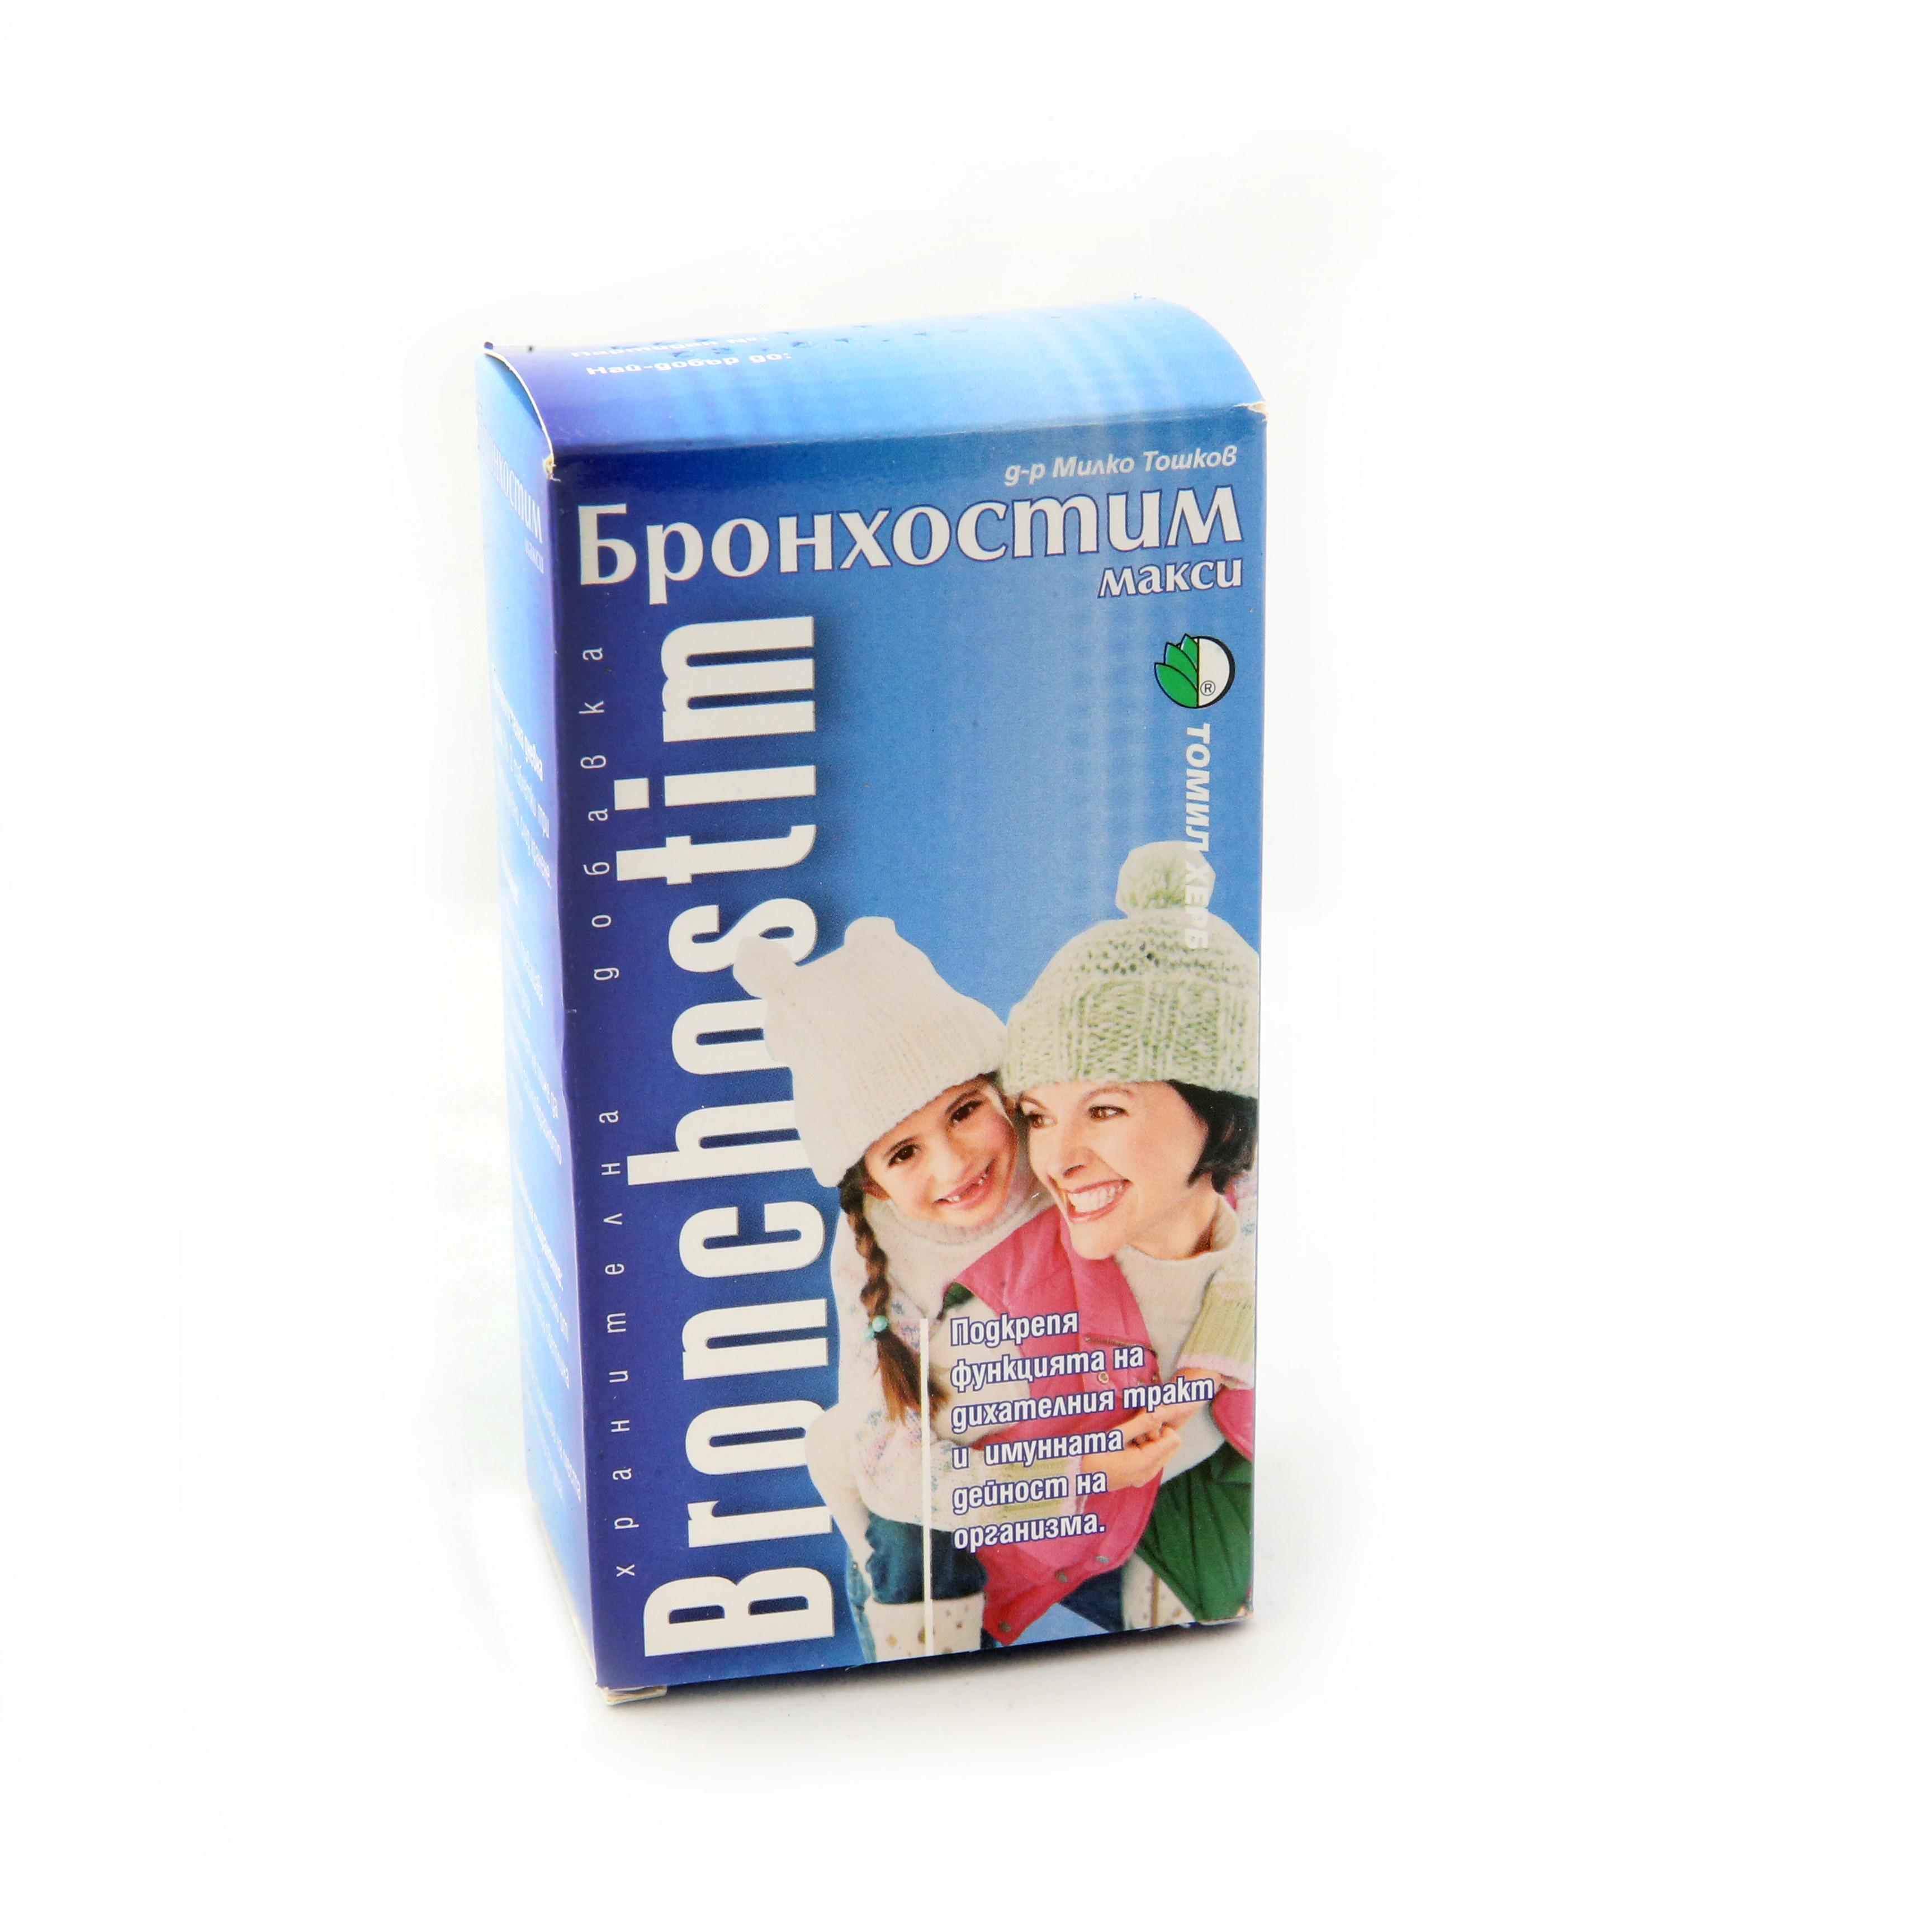 Описание  БРОНХОСТИМ МАКСИ / BRONCHOSTIM MAXI добавка към храната на Tomil Herb , която се препоръчва за успокояване на кашлицата и улесняване на отхрачването на бронхиалния секрет. Също така Бронхостим макси се използва при всички възпаления на дихателната система: фарингит, пневмонии, бронхити, ангини и простуди и повишава защитата на организма срещу вирусни и бактериални инфекции. Ефикасно средство против грип.  ДЕЙСТВИЕ:  Бронхостим макси е билков продукт,за укрепване на имунната защита на организма.  Приемането на Бронхостим макси предпазва организма от вирусни, грипни и бактериални инфекции.Приемът му е подходящ при всички възпаления на синусите, гърлото и белите дробове.  Състав:  БРОНХОСТИМ МАКСИ съдържа:Подбел, живовлек, борови връхчета, слез, ветрогон, бял оман, анасон, босилек, мащерка, бъз, драка, мента, жълт кантарион, риган, сладък корен, лайка, липа, джинджифил, волски език, евкалипт, иглика, лопен, ехинацея.